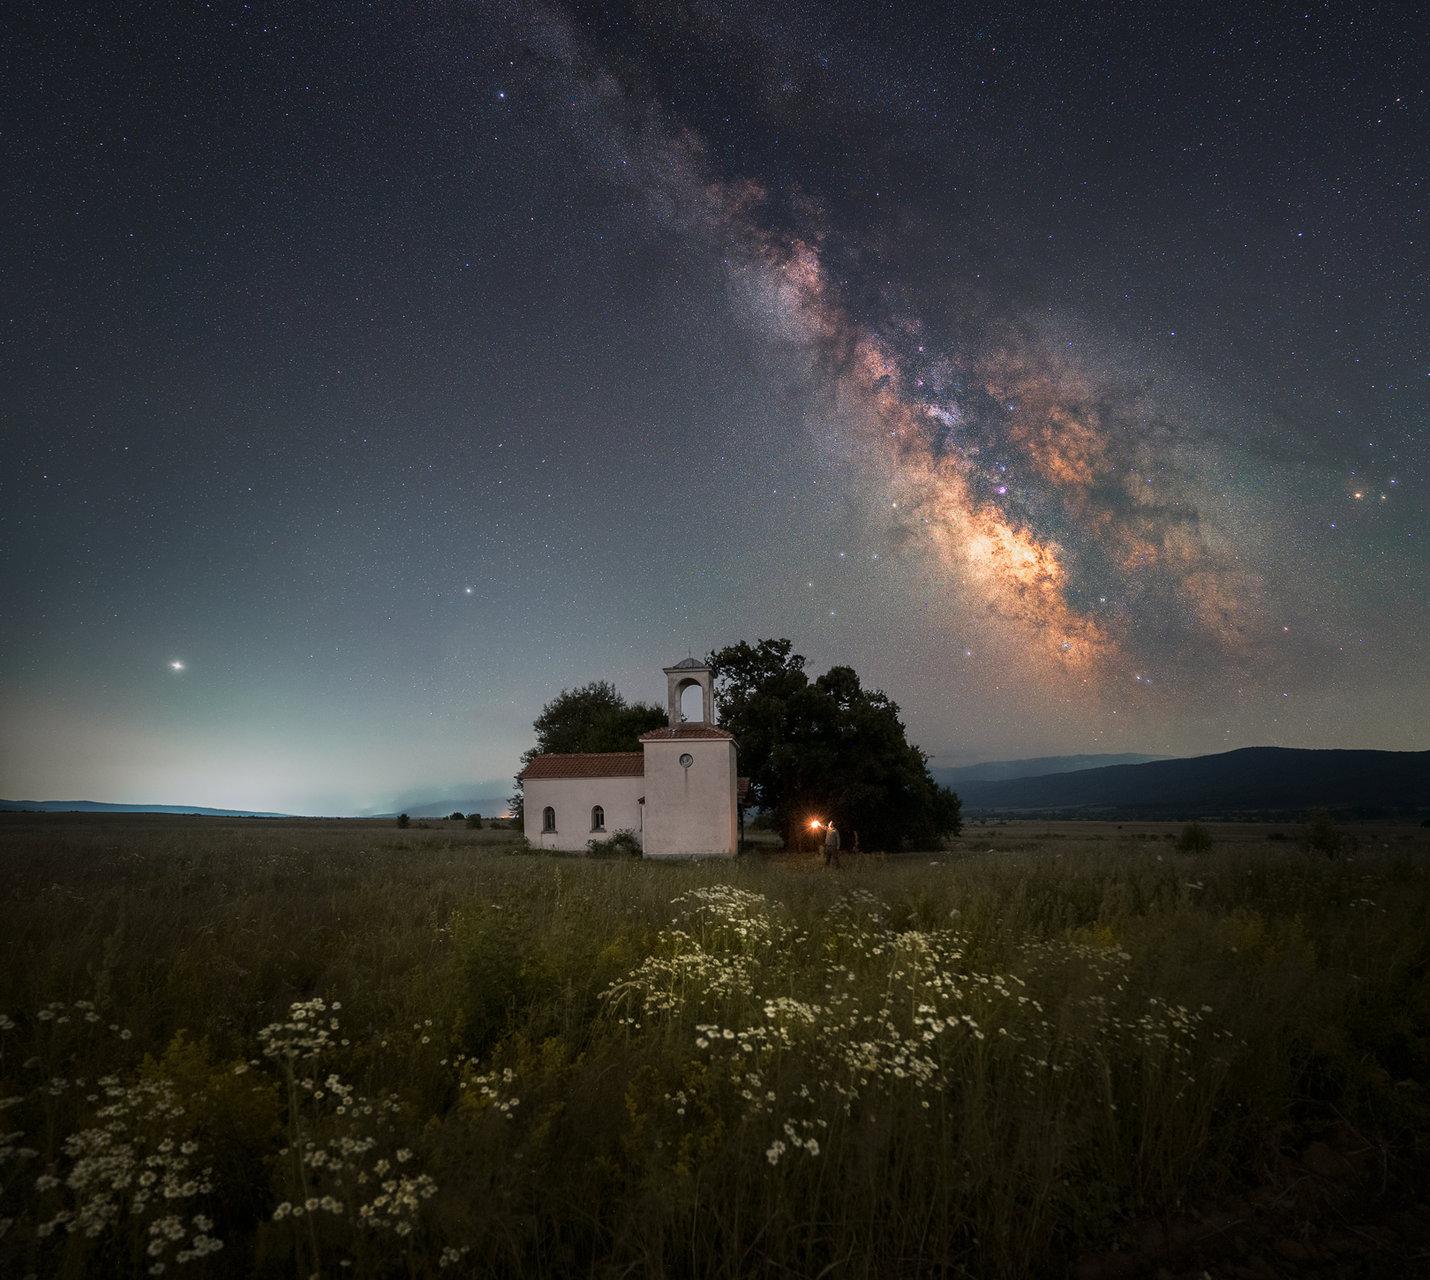 Праклиса Св. Петър и Павел, село Ковачевци | Author Mihail Minkov - takama | PHOTO FORUM